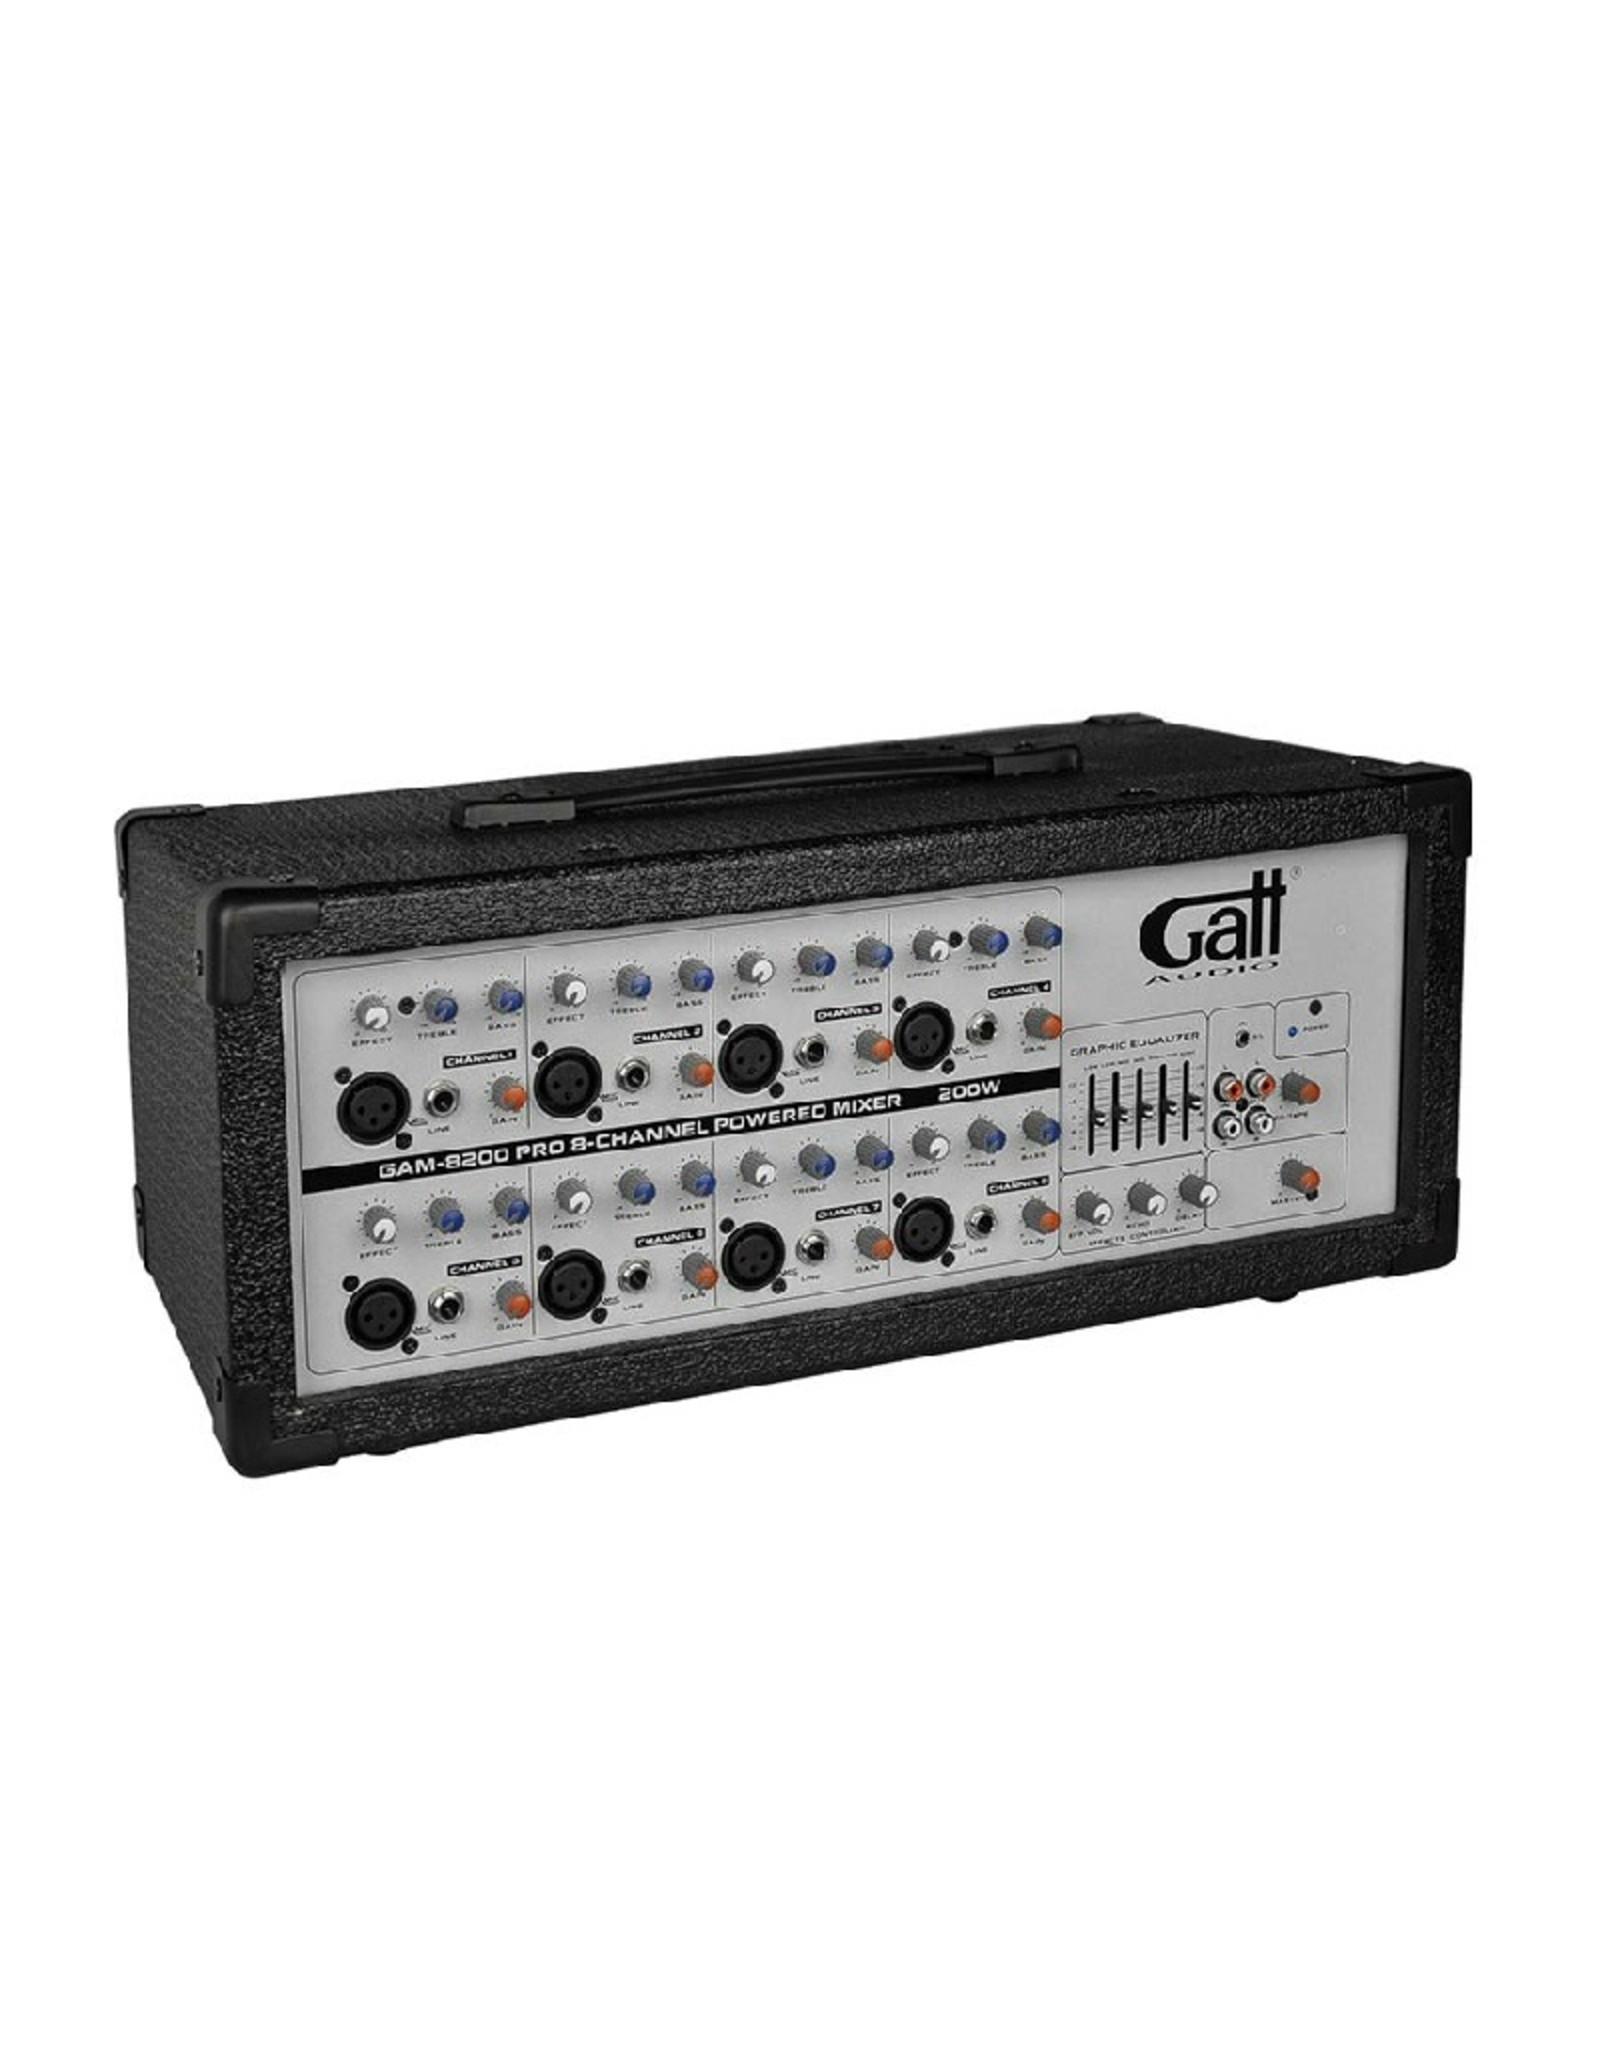 Gatt Audio powered mixer 200W mono / GAM-8200